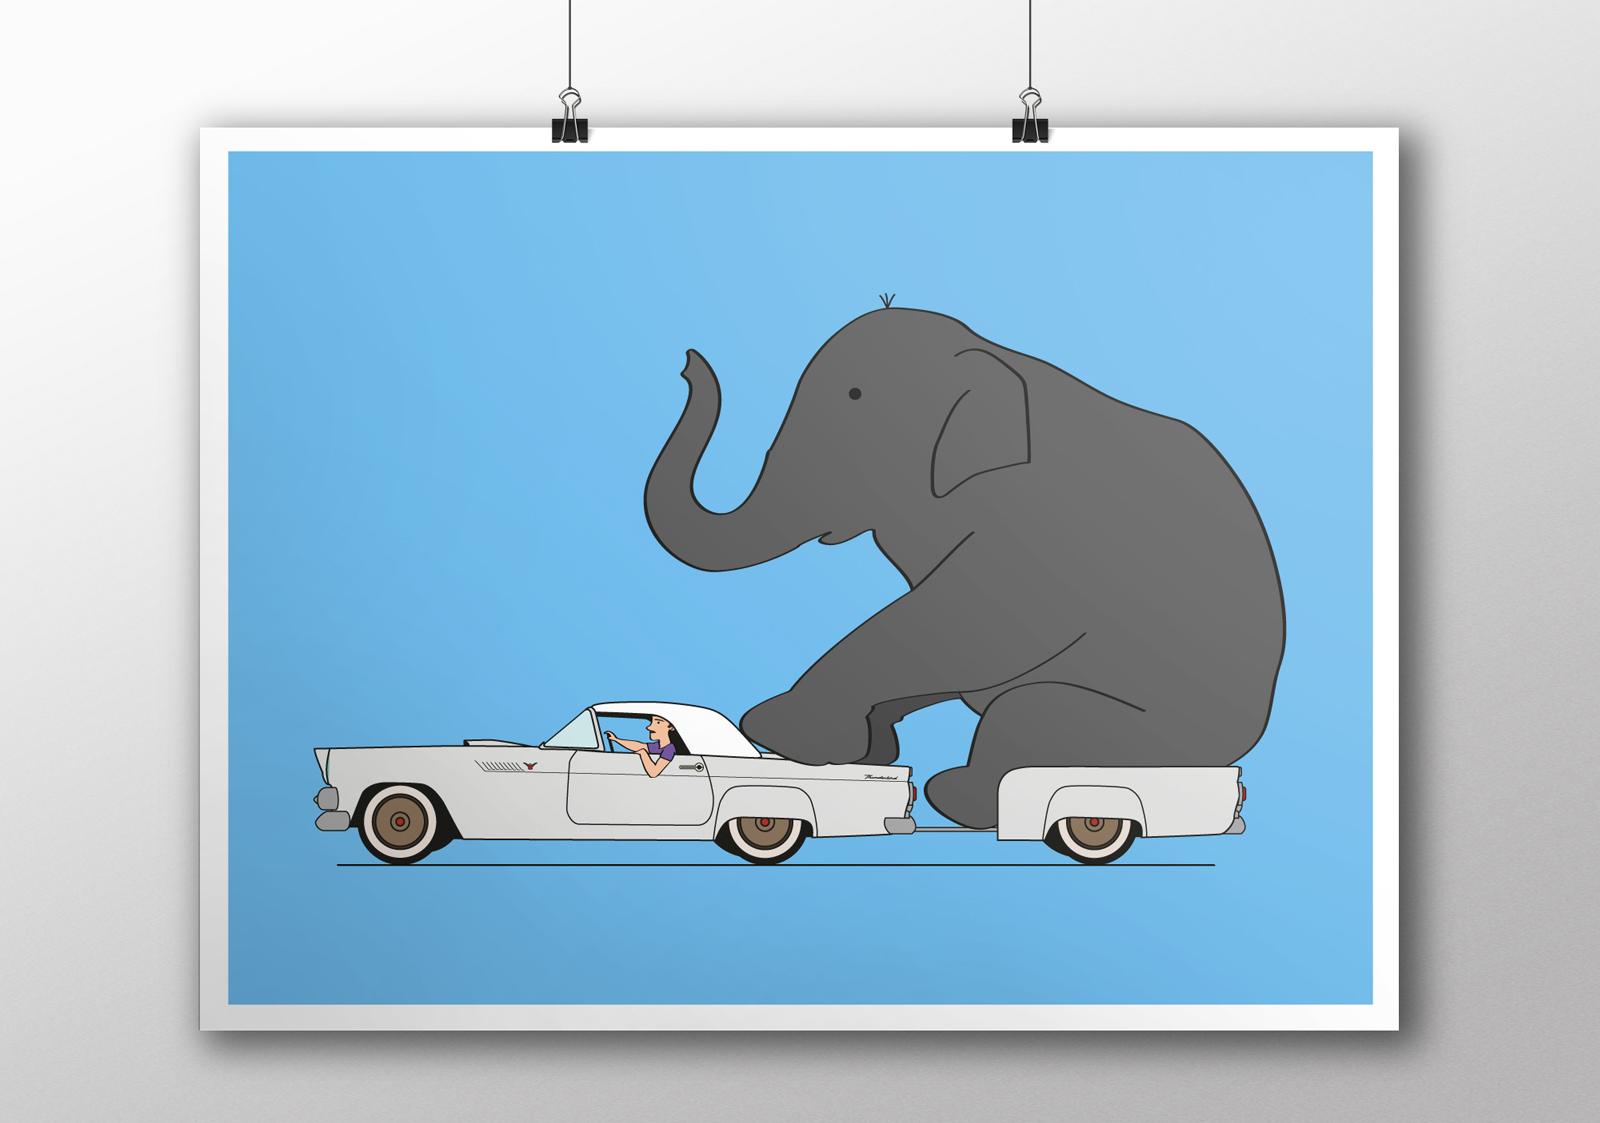 Illustration Thunderbird et éléphant, réalisation Studio du Flamant rose, Bordeaux.